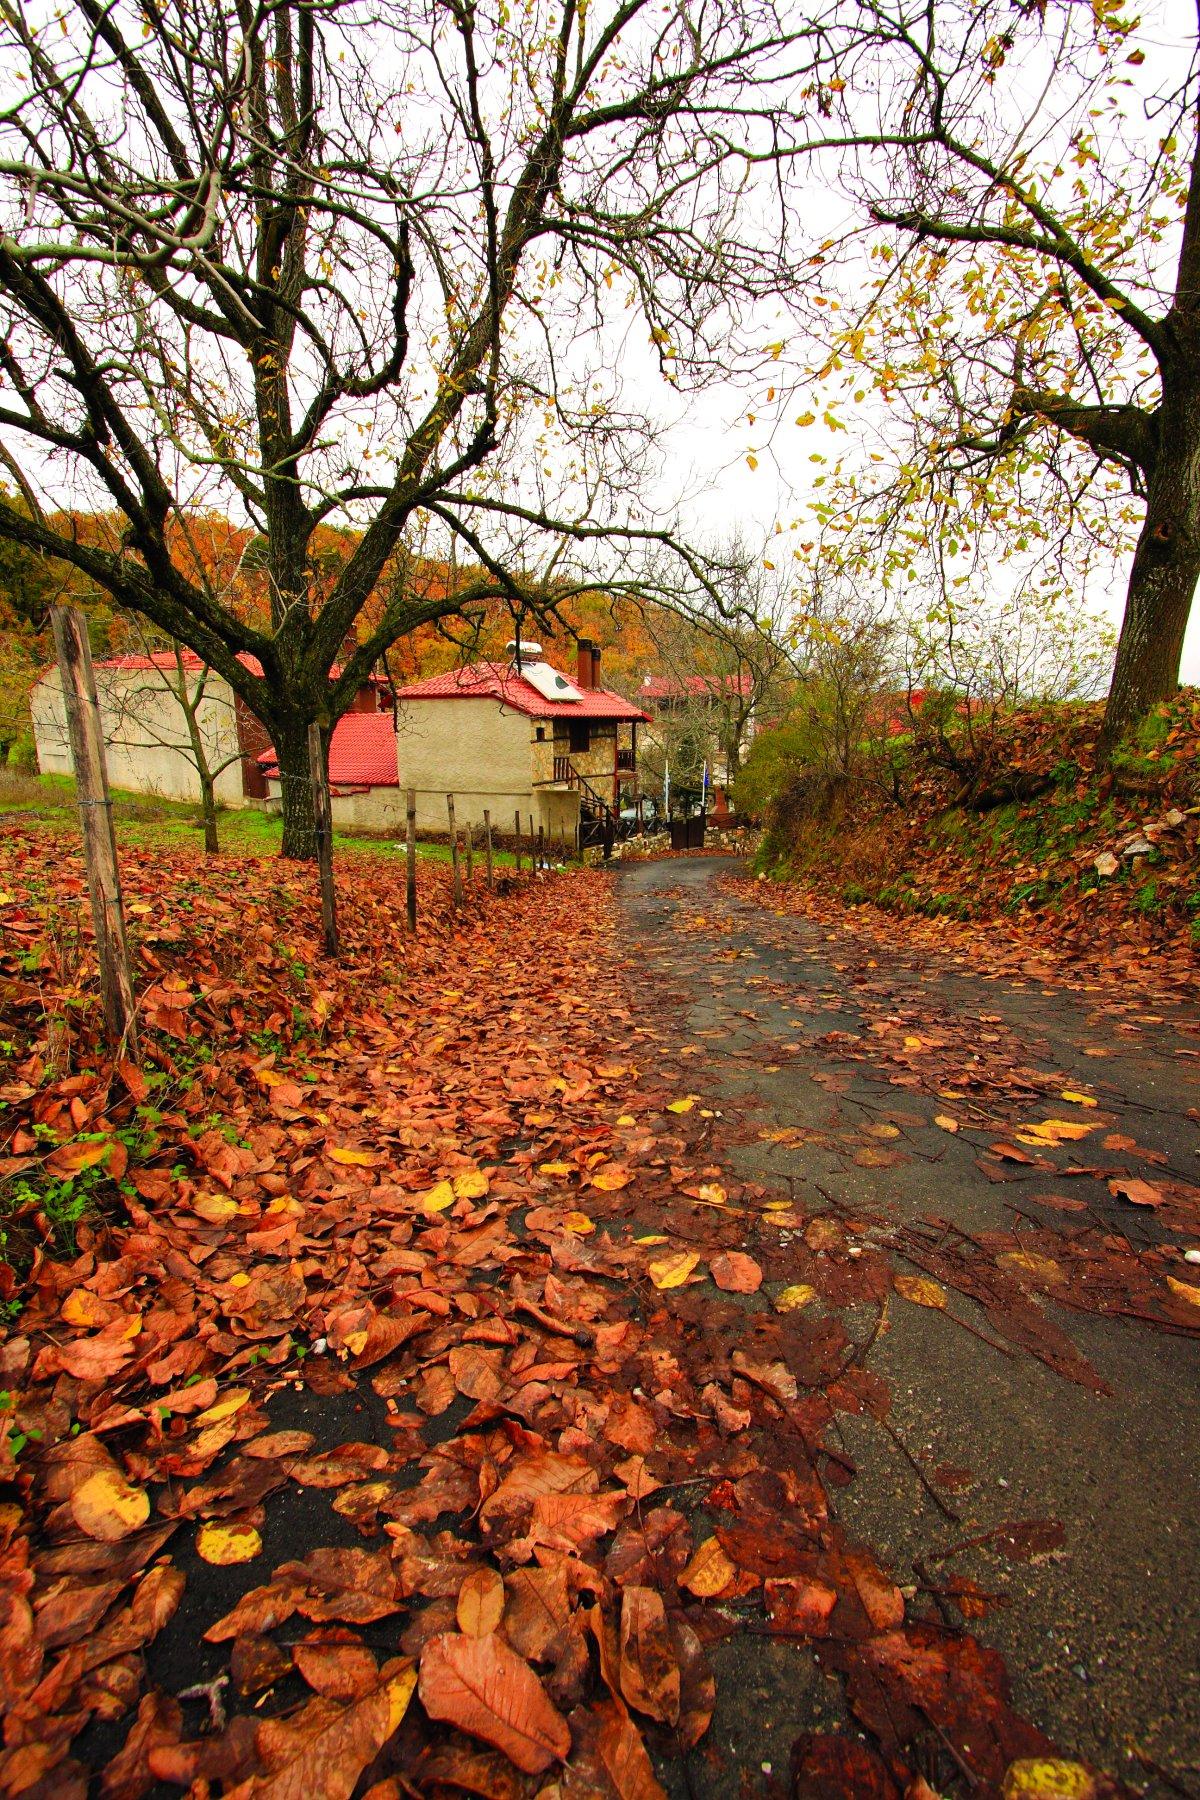 Ελατοχώρι Πιερίας με όμορφη φύση το φθινόπωρο